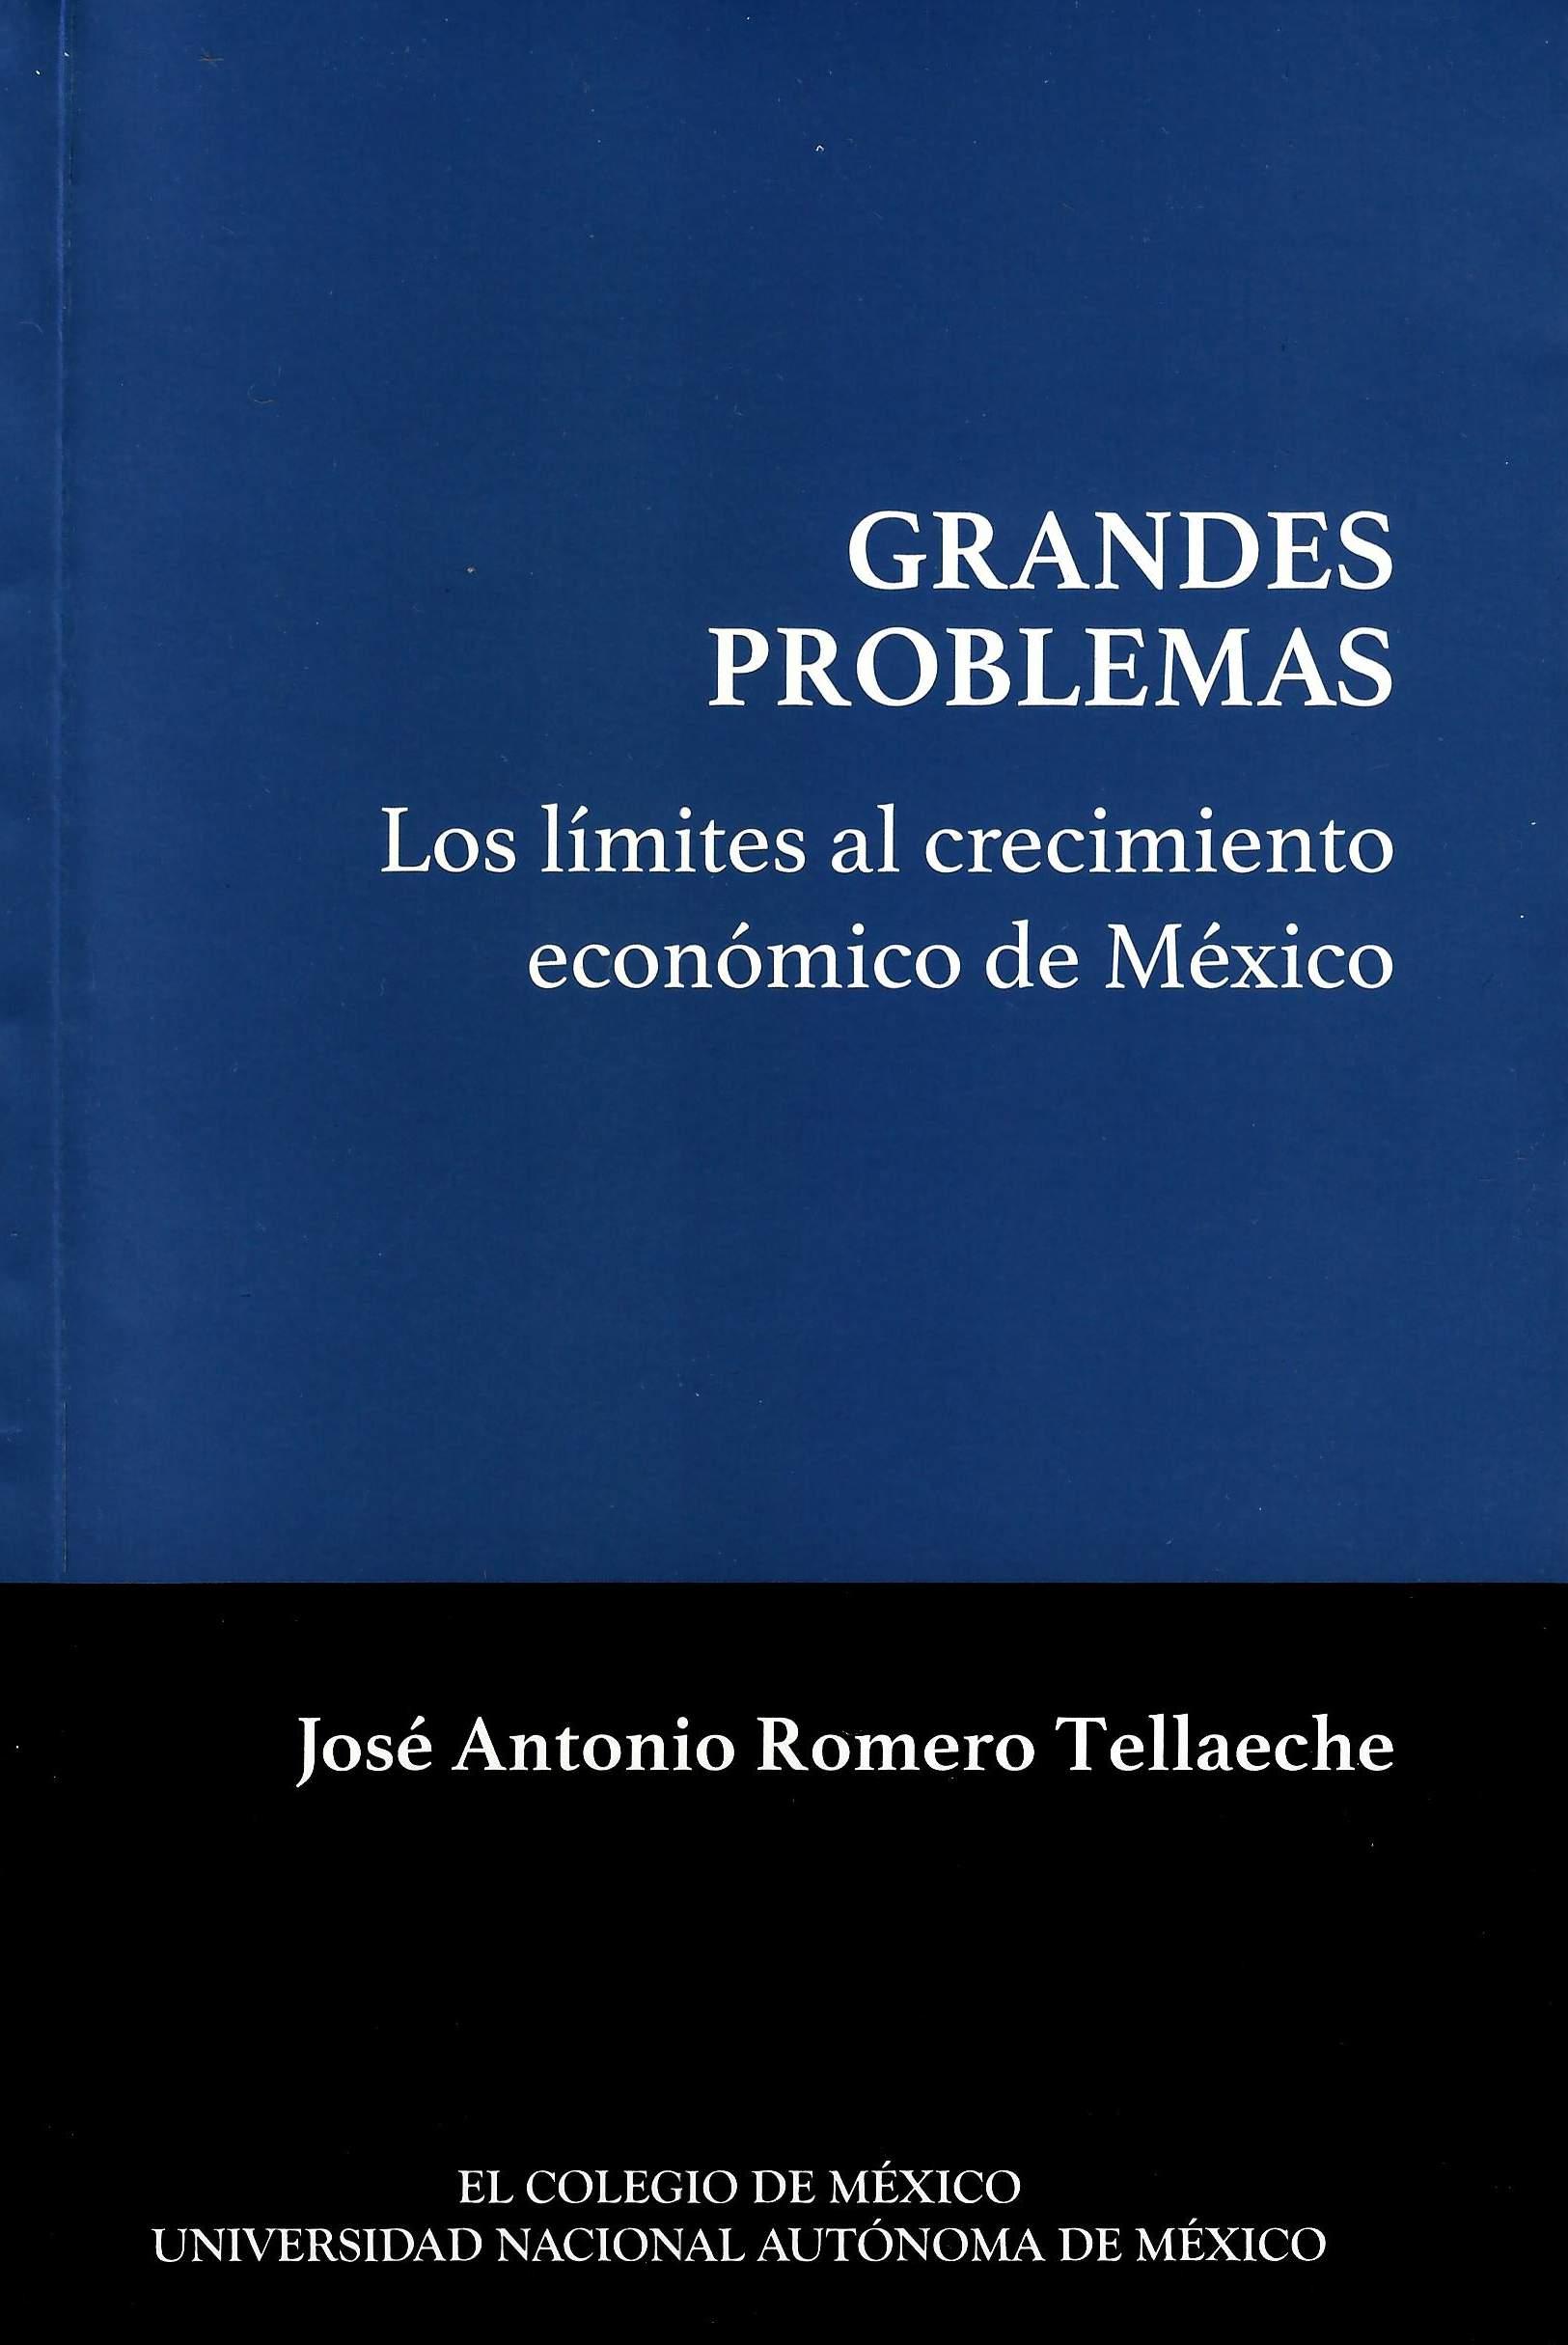 Los límites al crecimiento económico de México